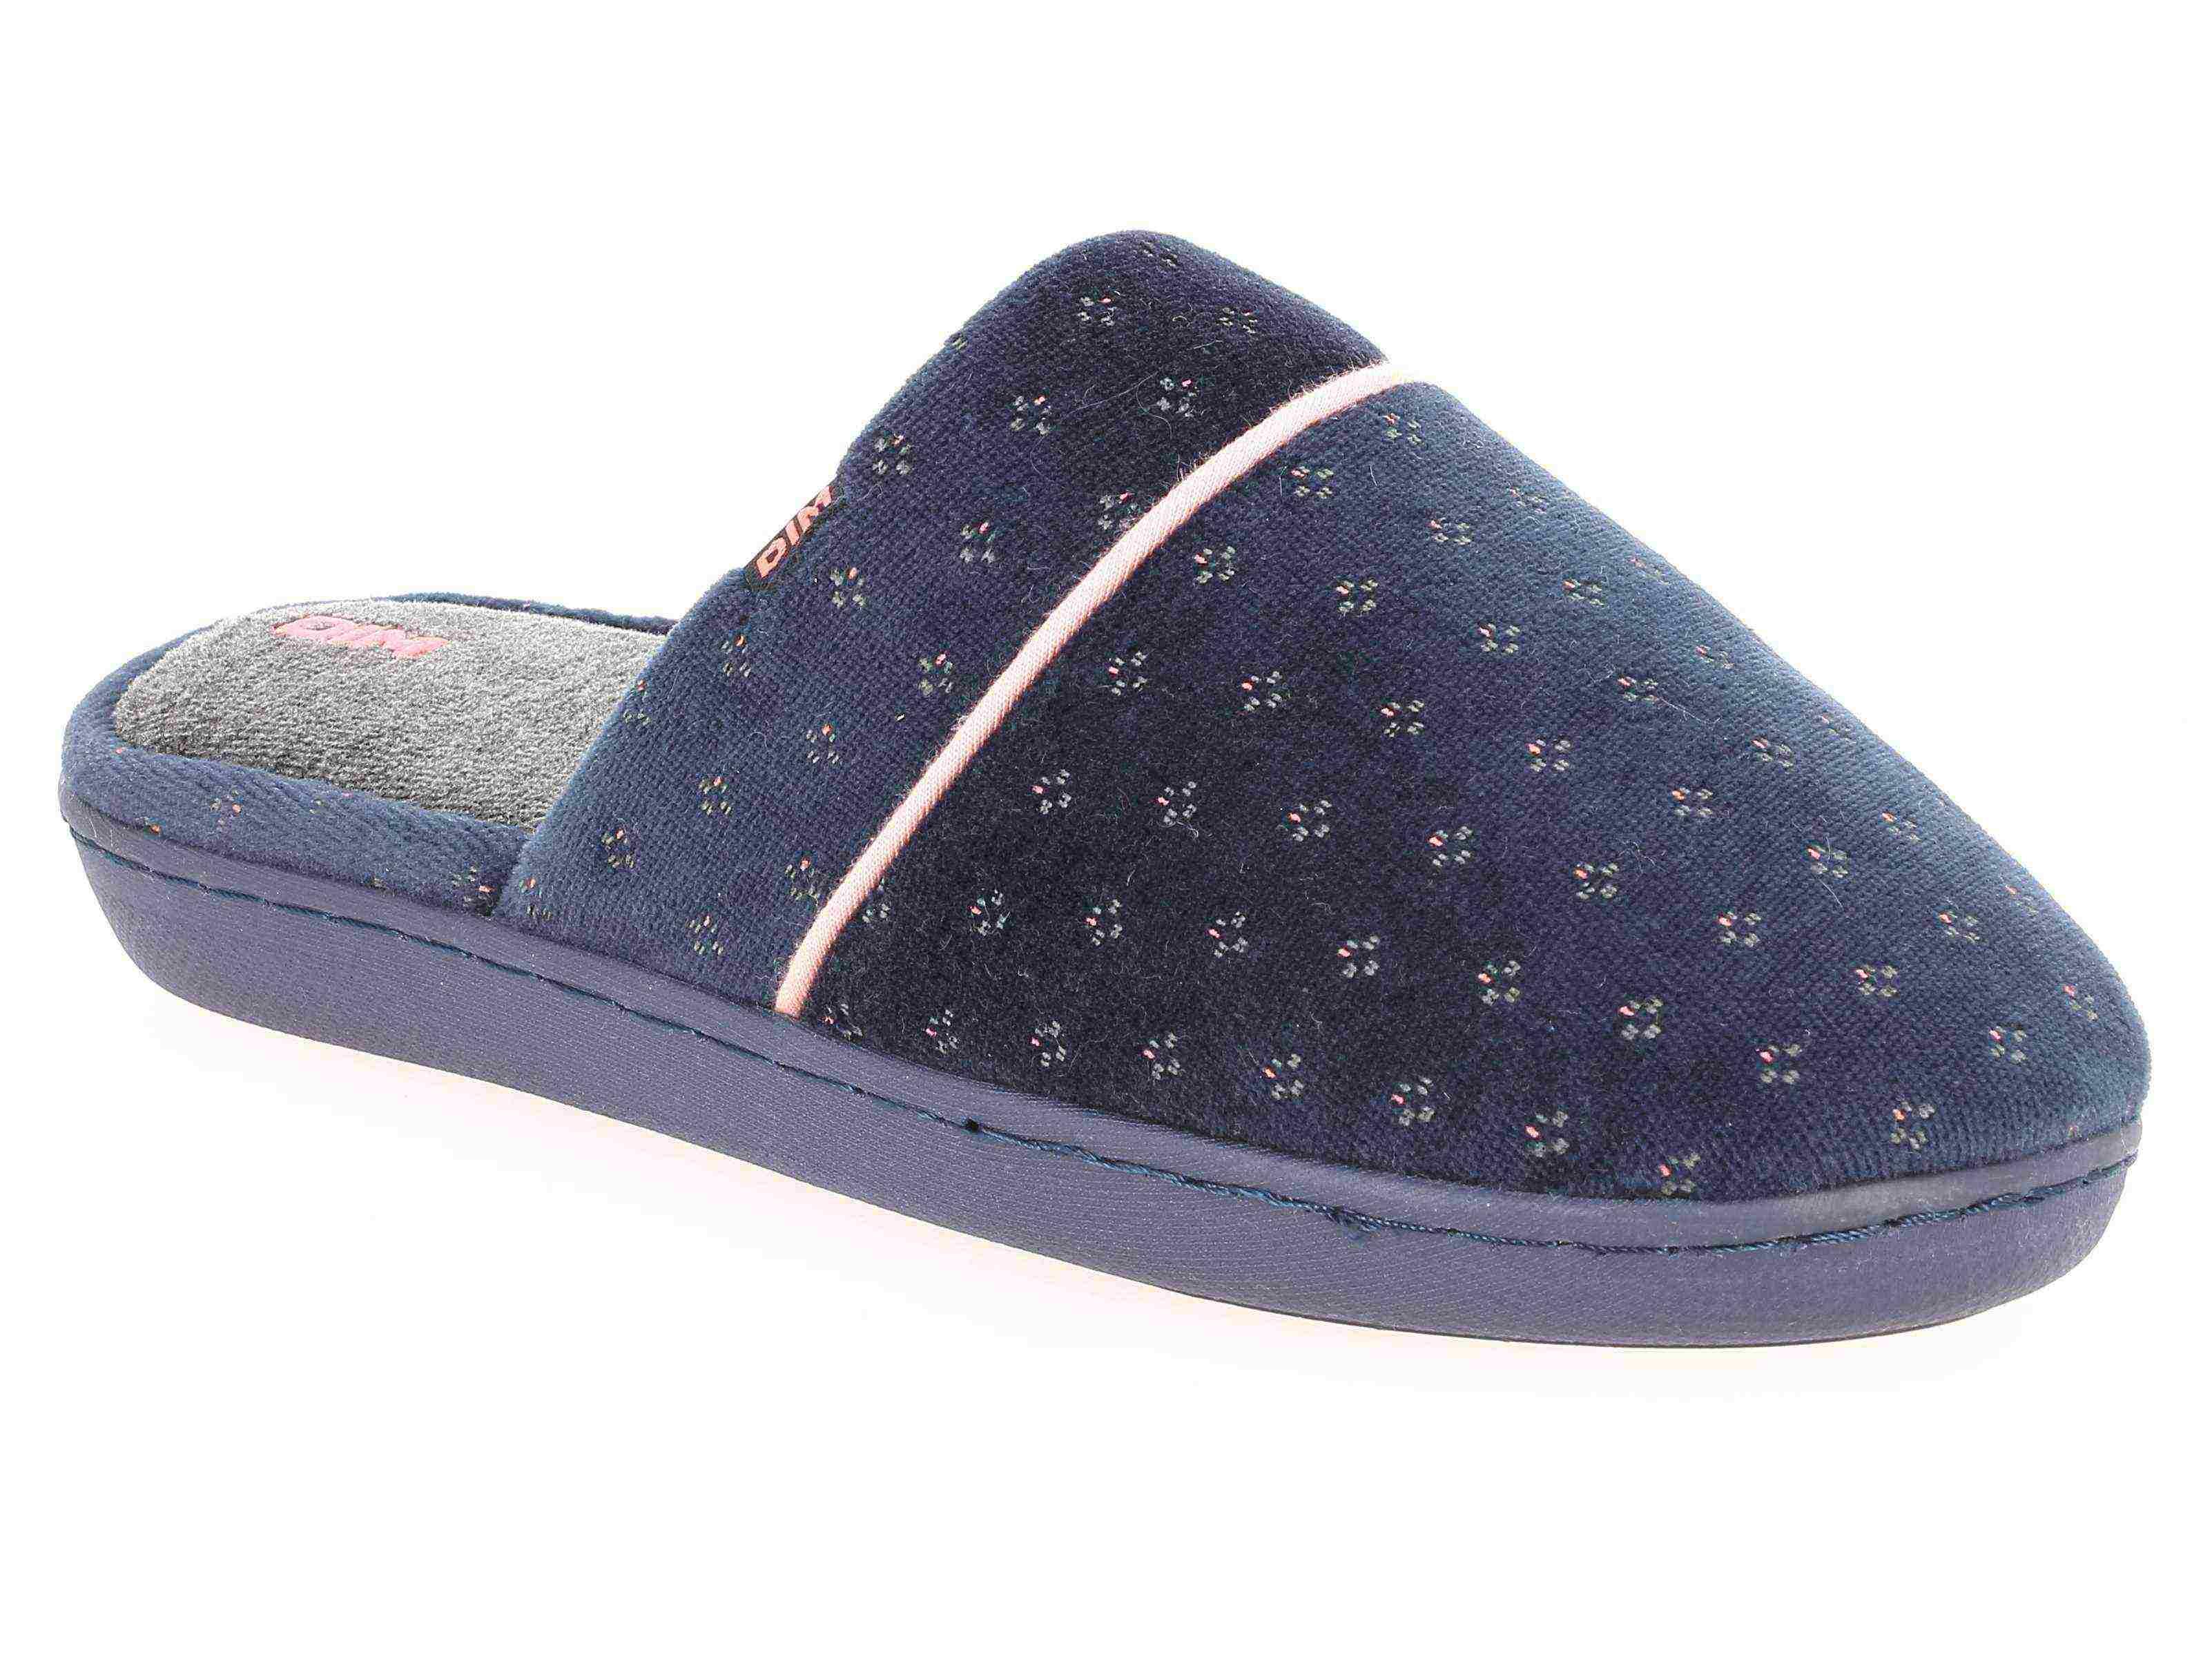 Chaussons type pantoufles bleu marine intérieur gris Femme